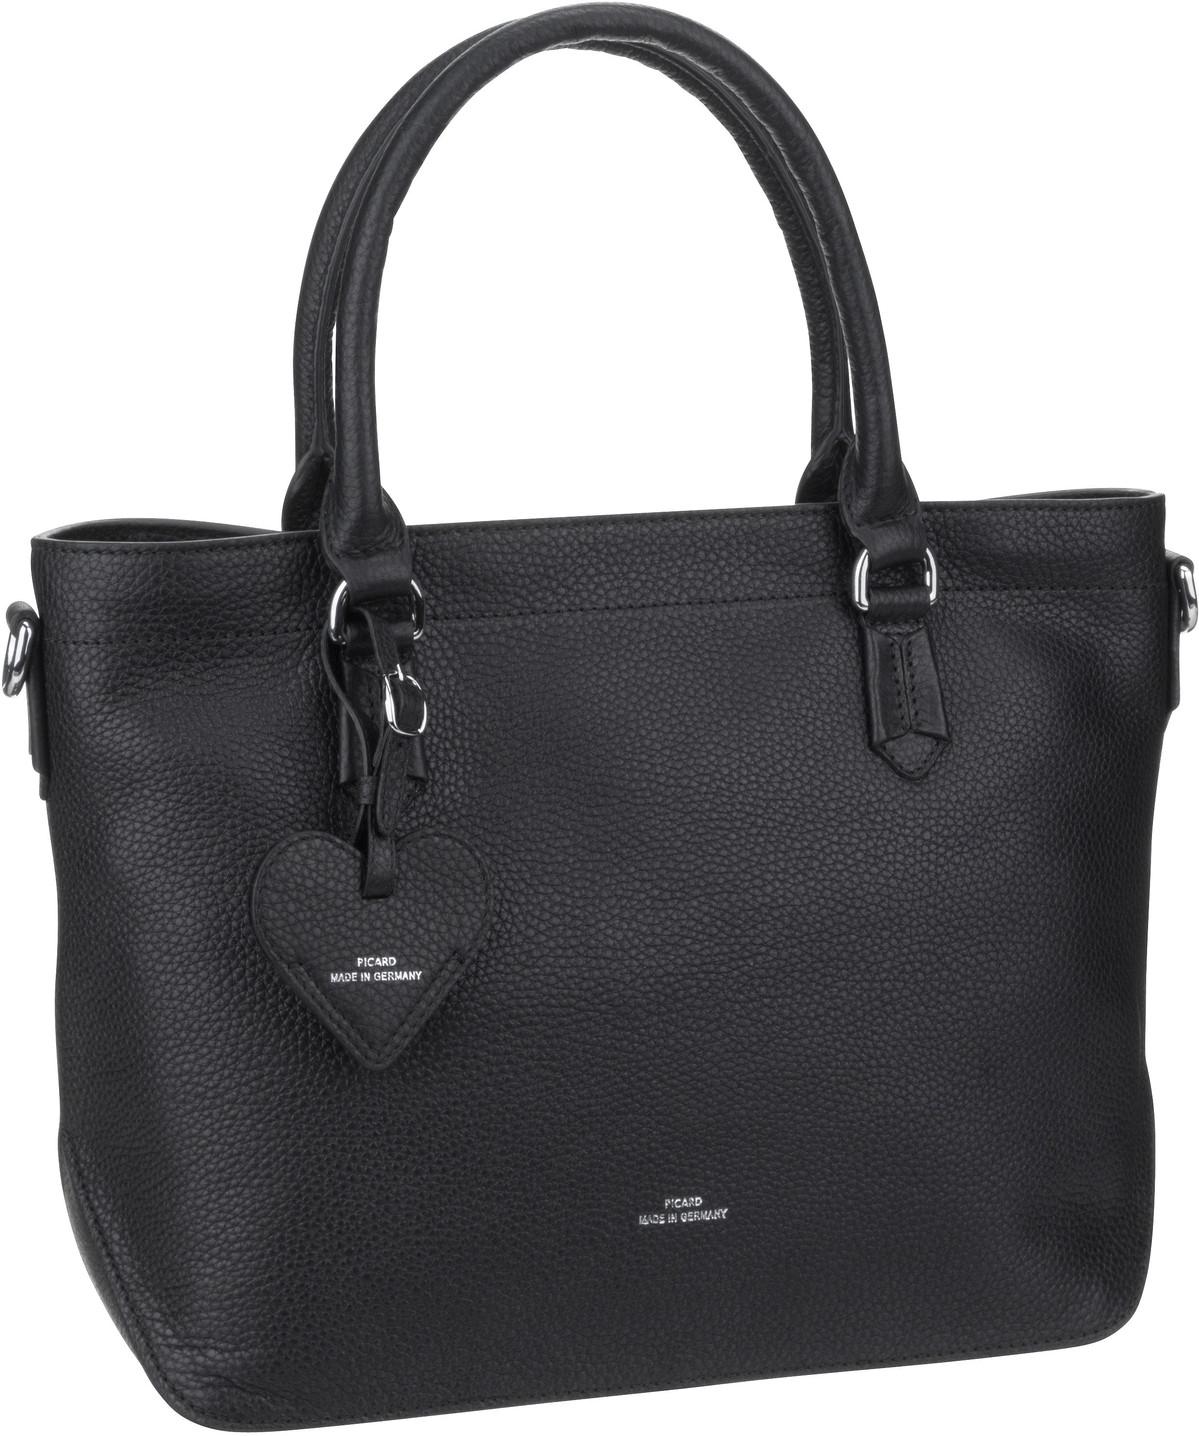 Handtasche Juliette 4860 Schwarz